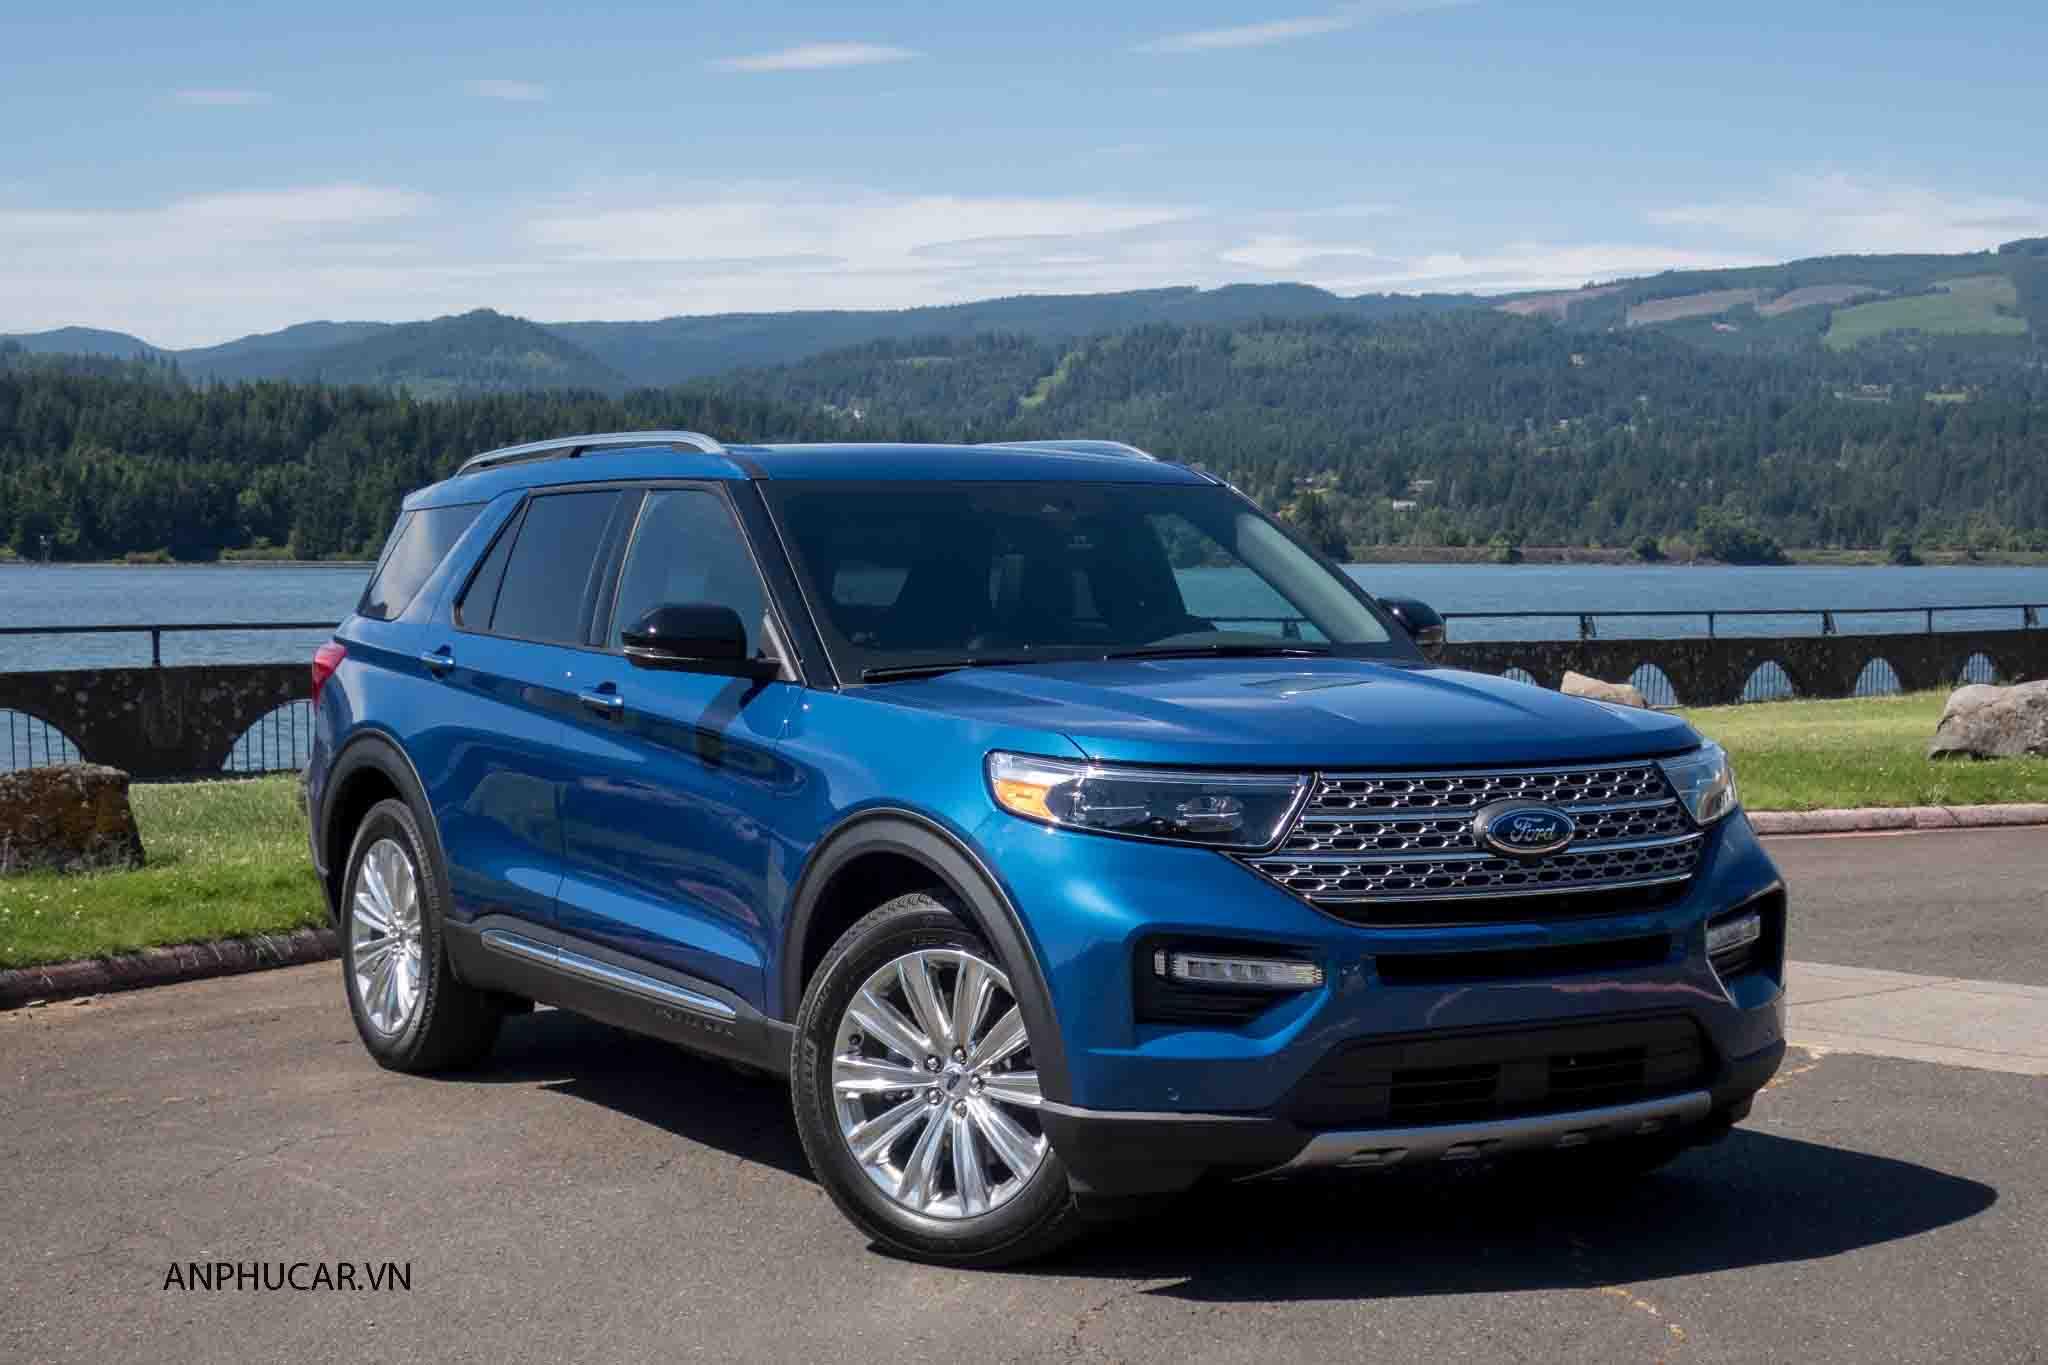 Ngoại hình Ford Explorer 2020